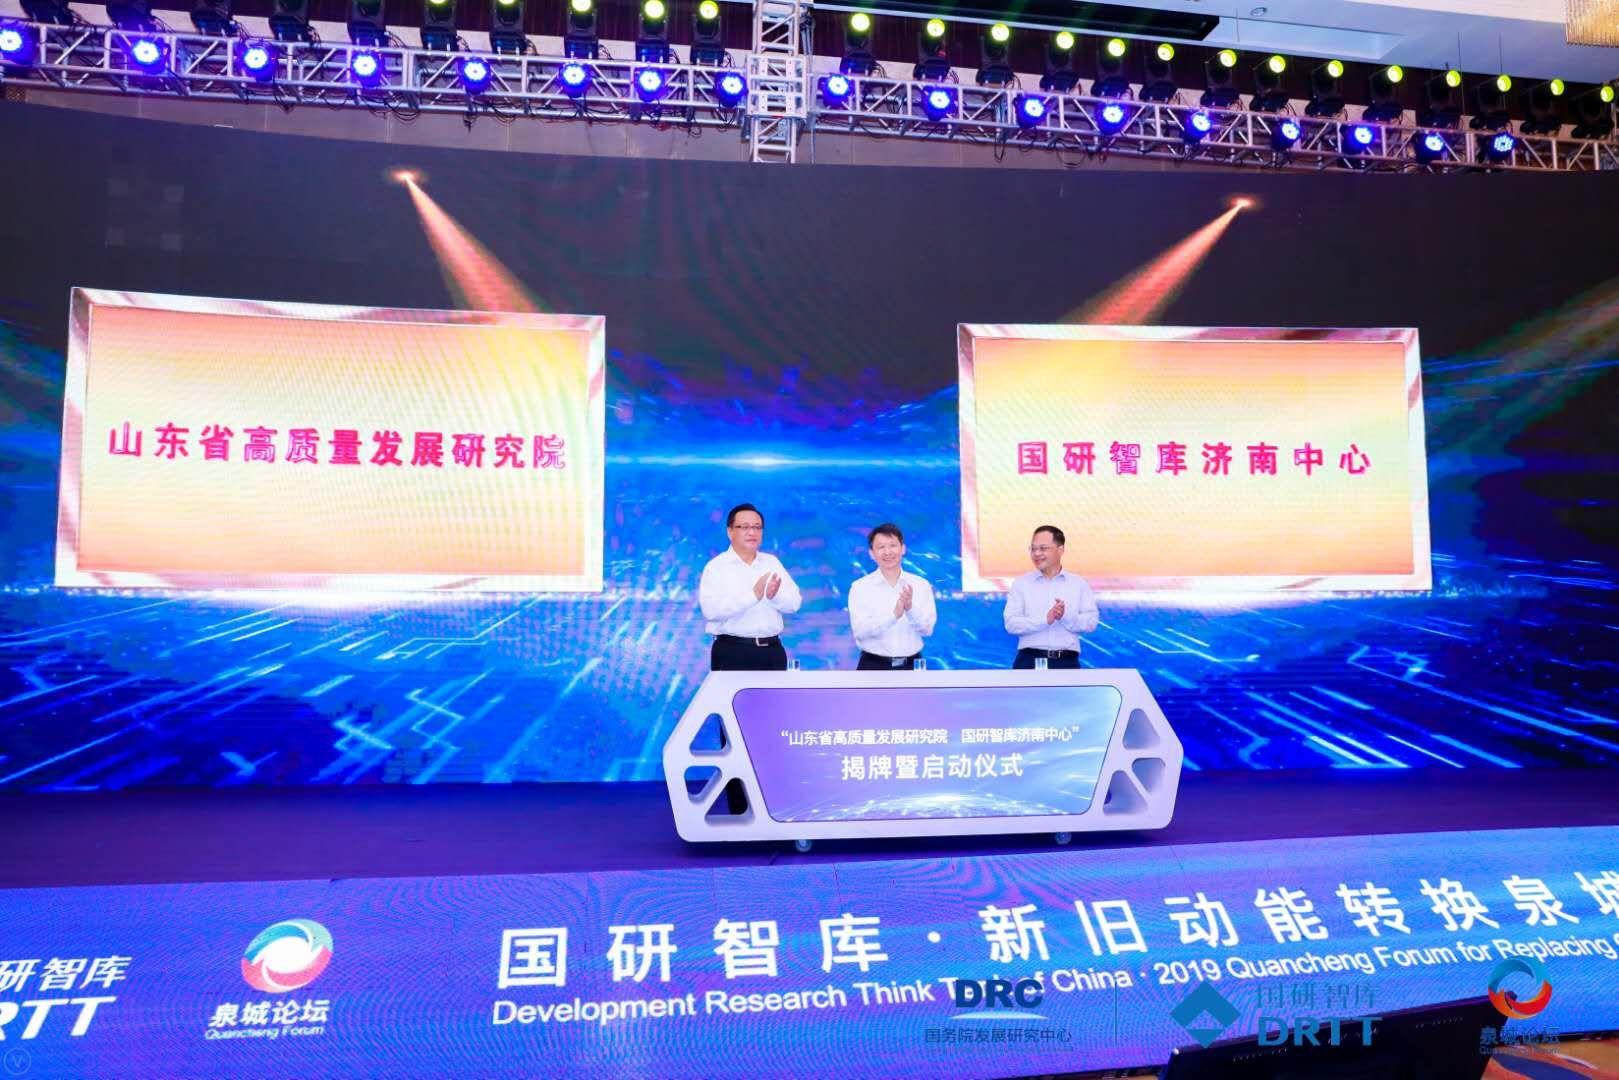 山东省高质量发展研究院暨国研智库济南中心在济南揭牌